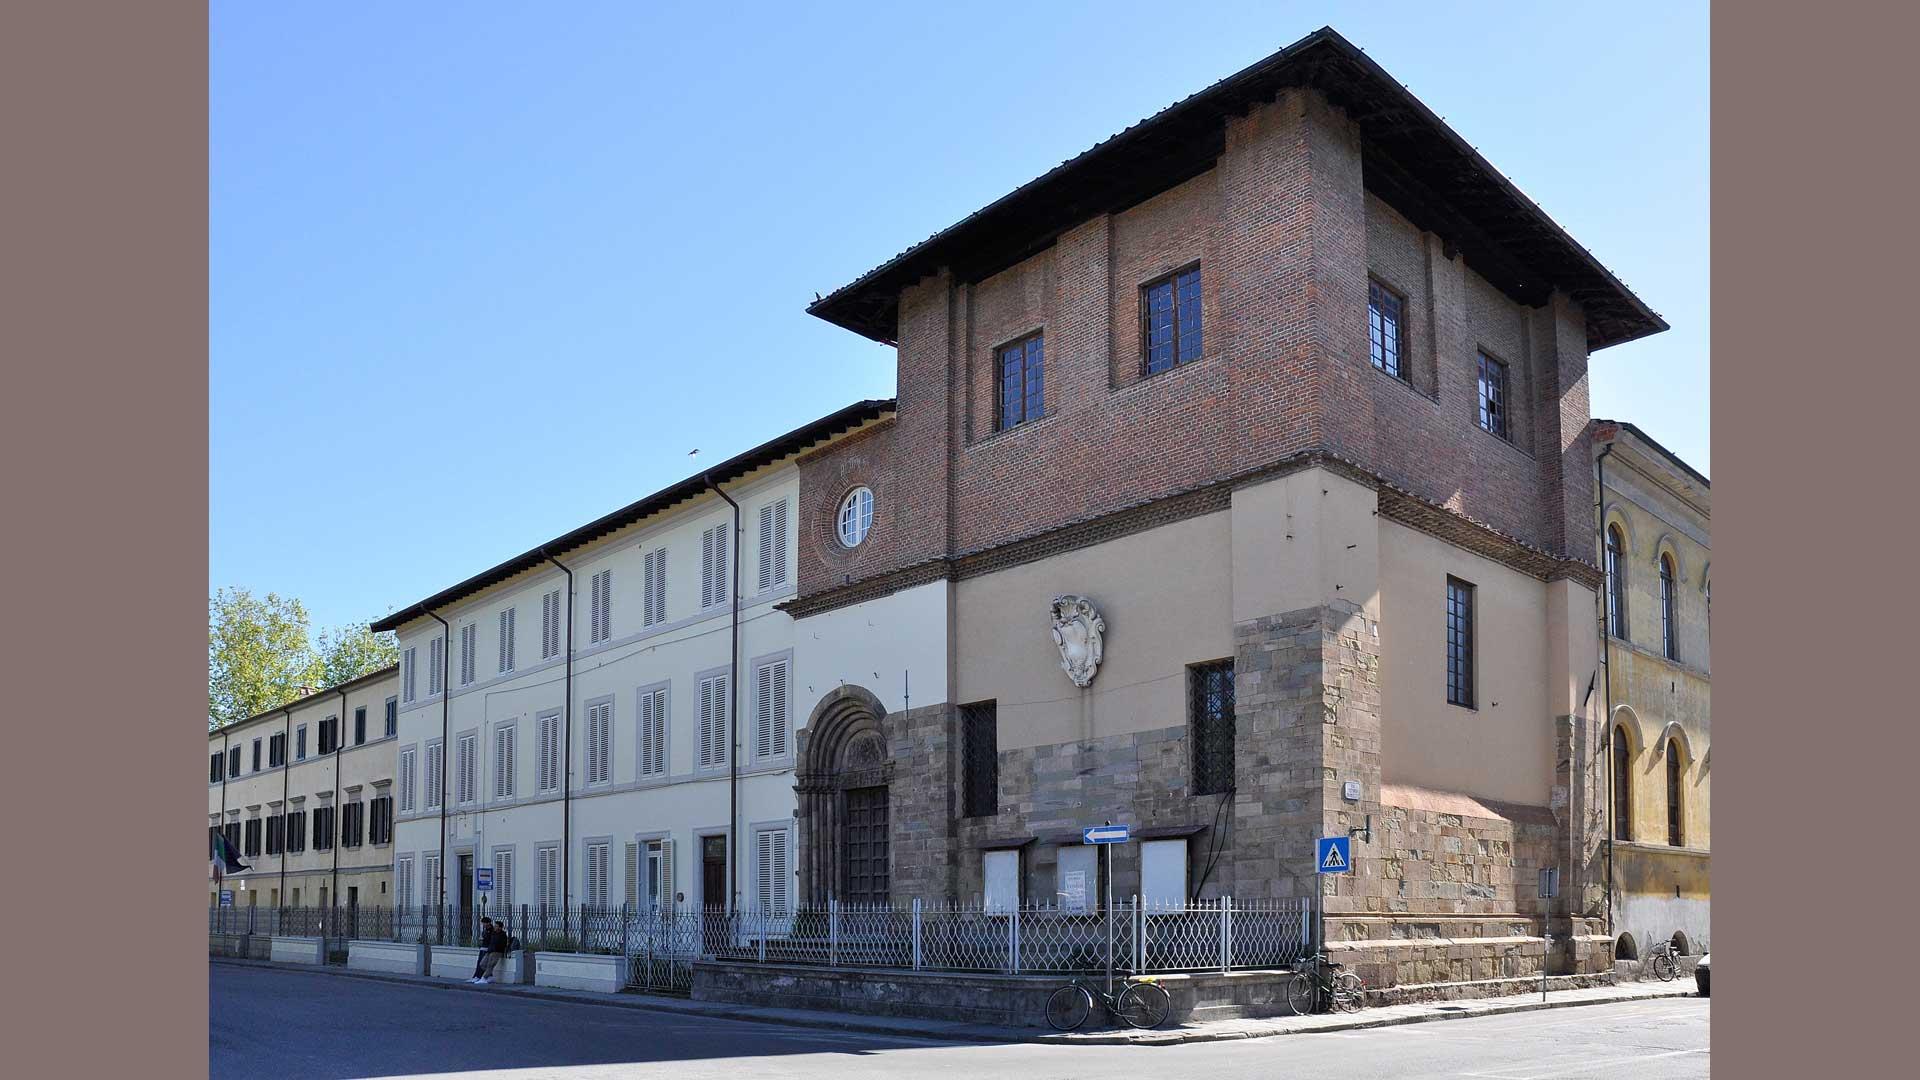 Ospedale della Misericordia o di San Luca